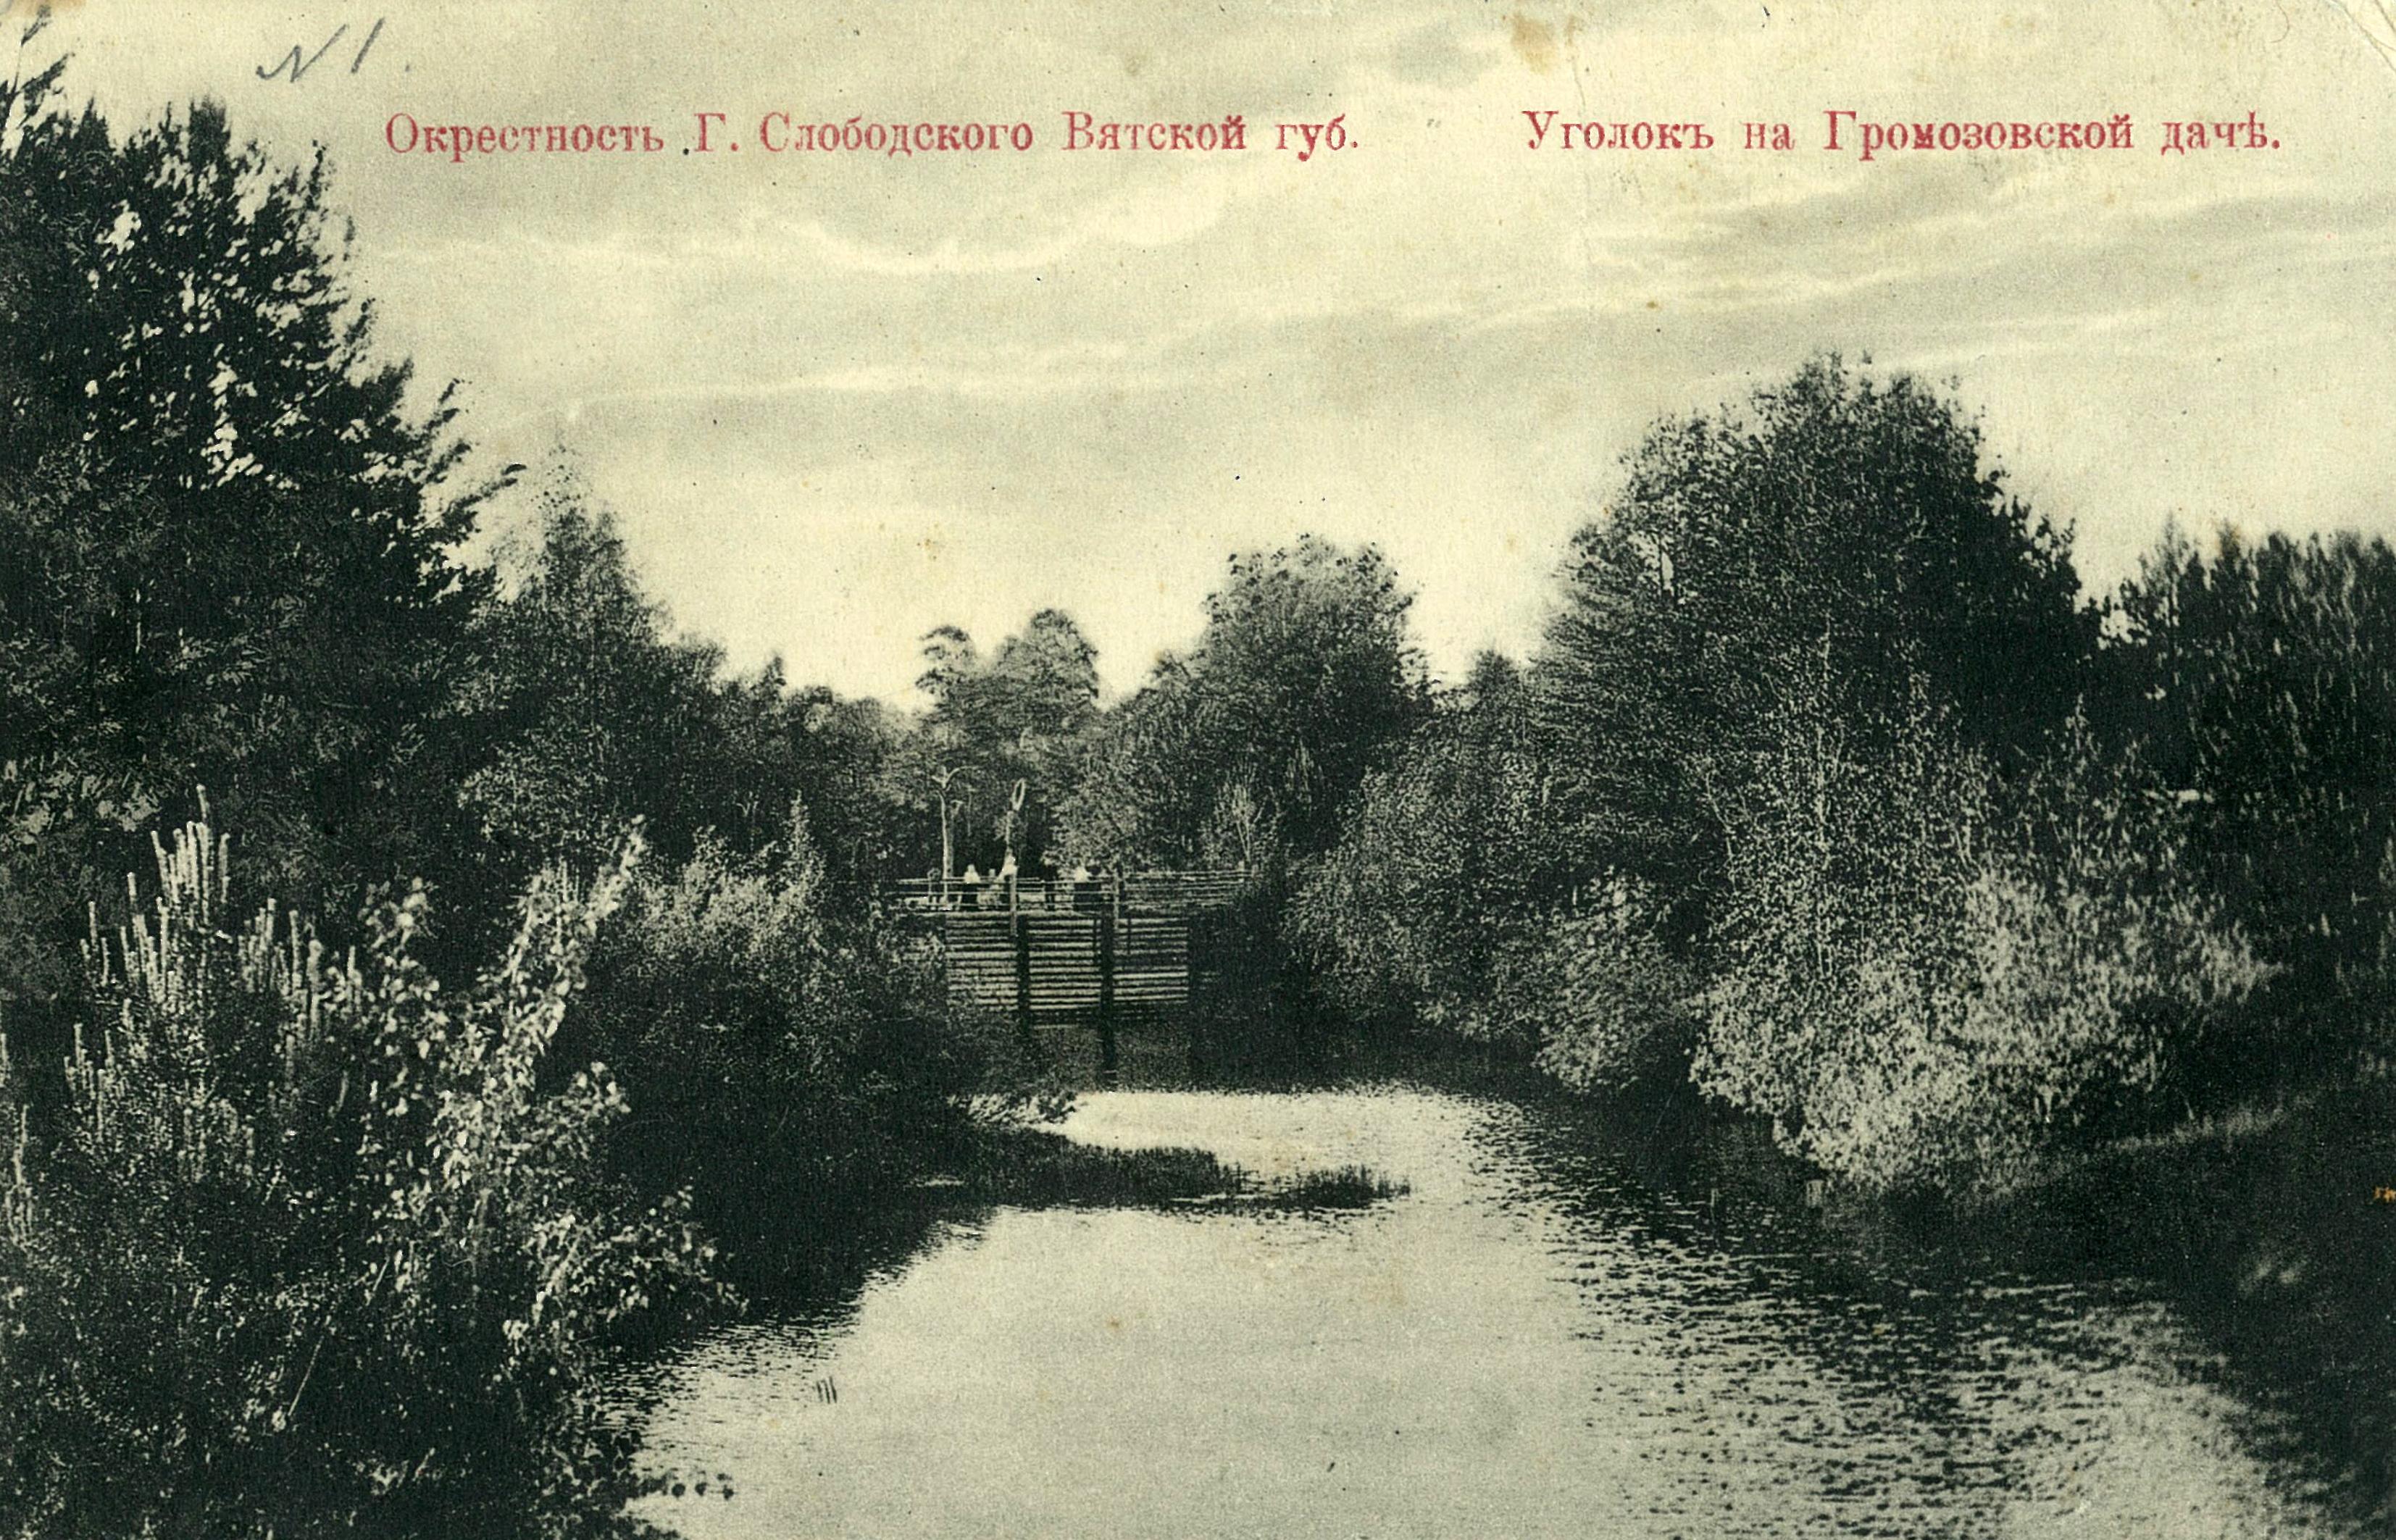 Окрестности Слободского. Уголок на Громозовской даче